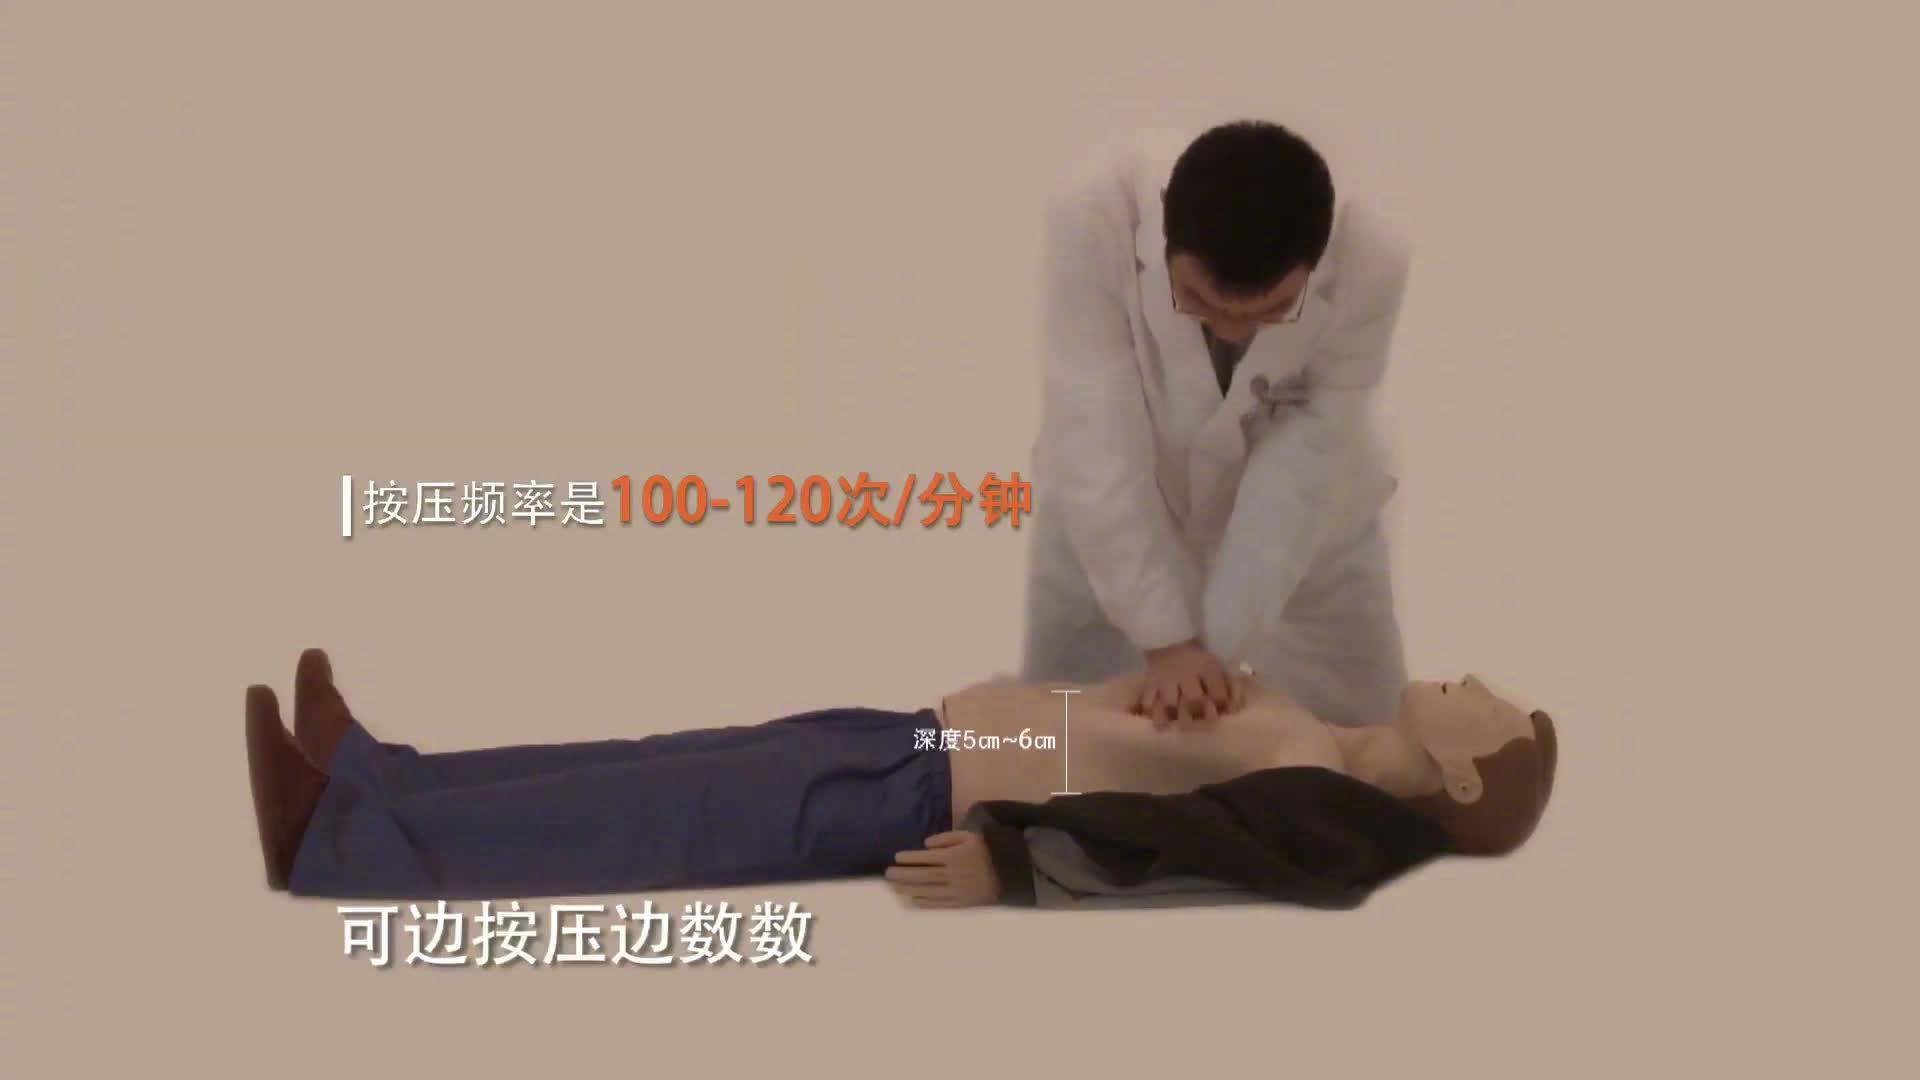 每个公民都应该知道的五步心肺复苏法!